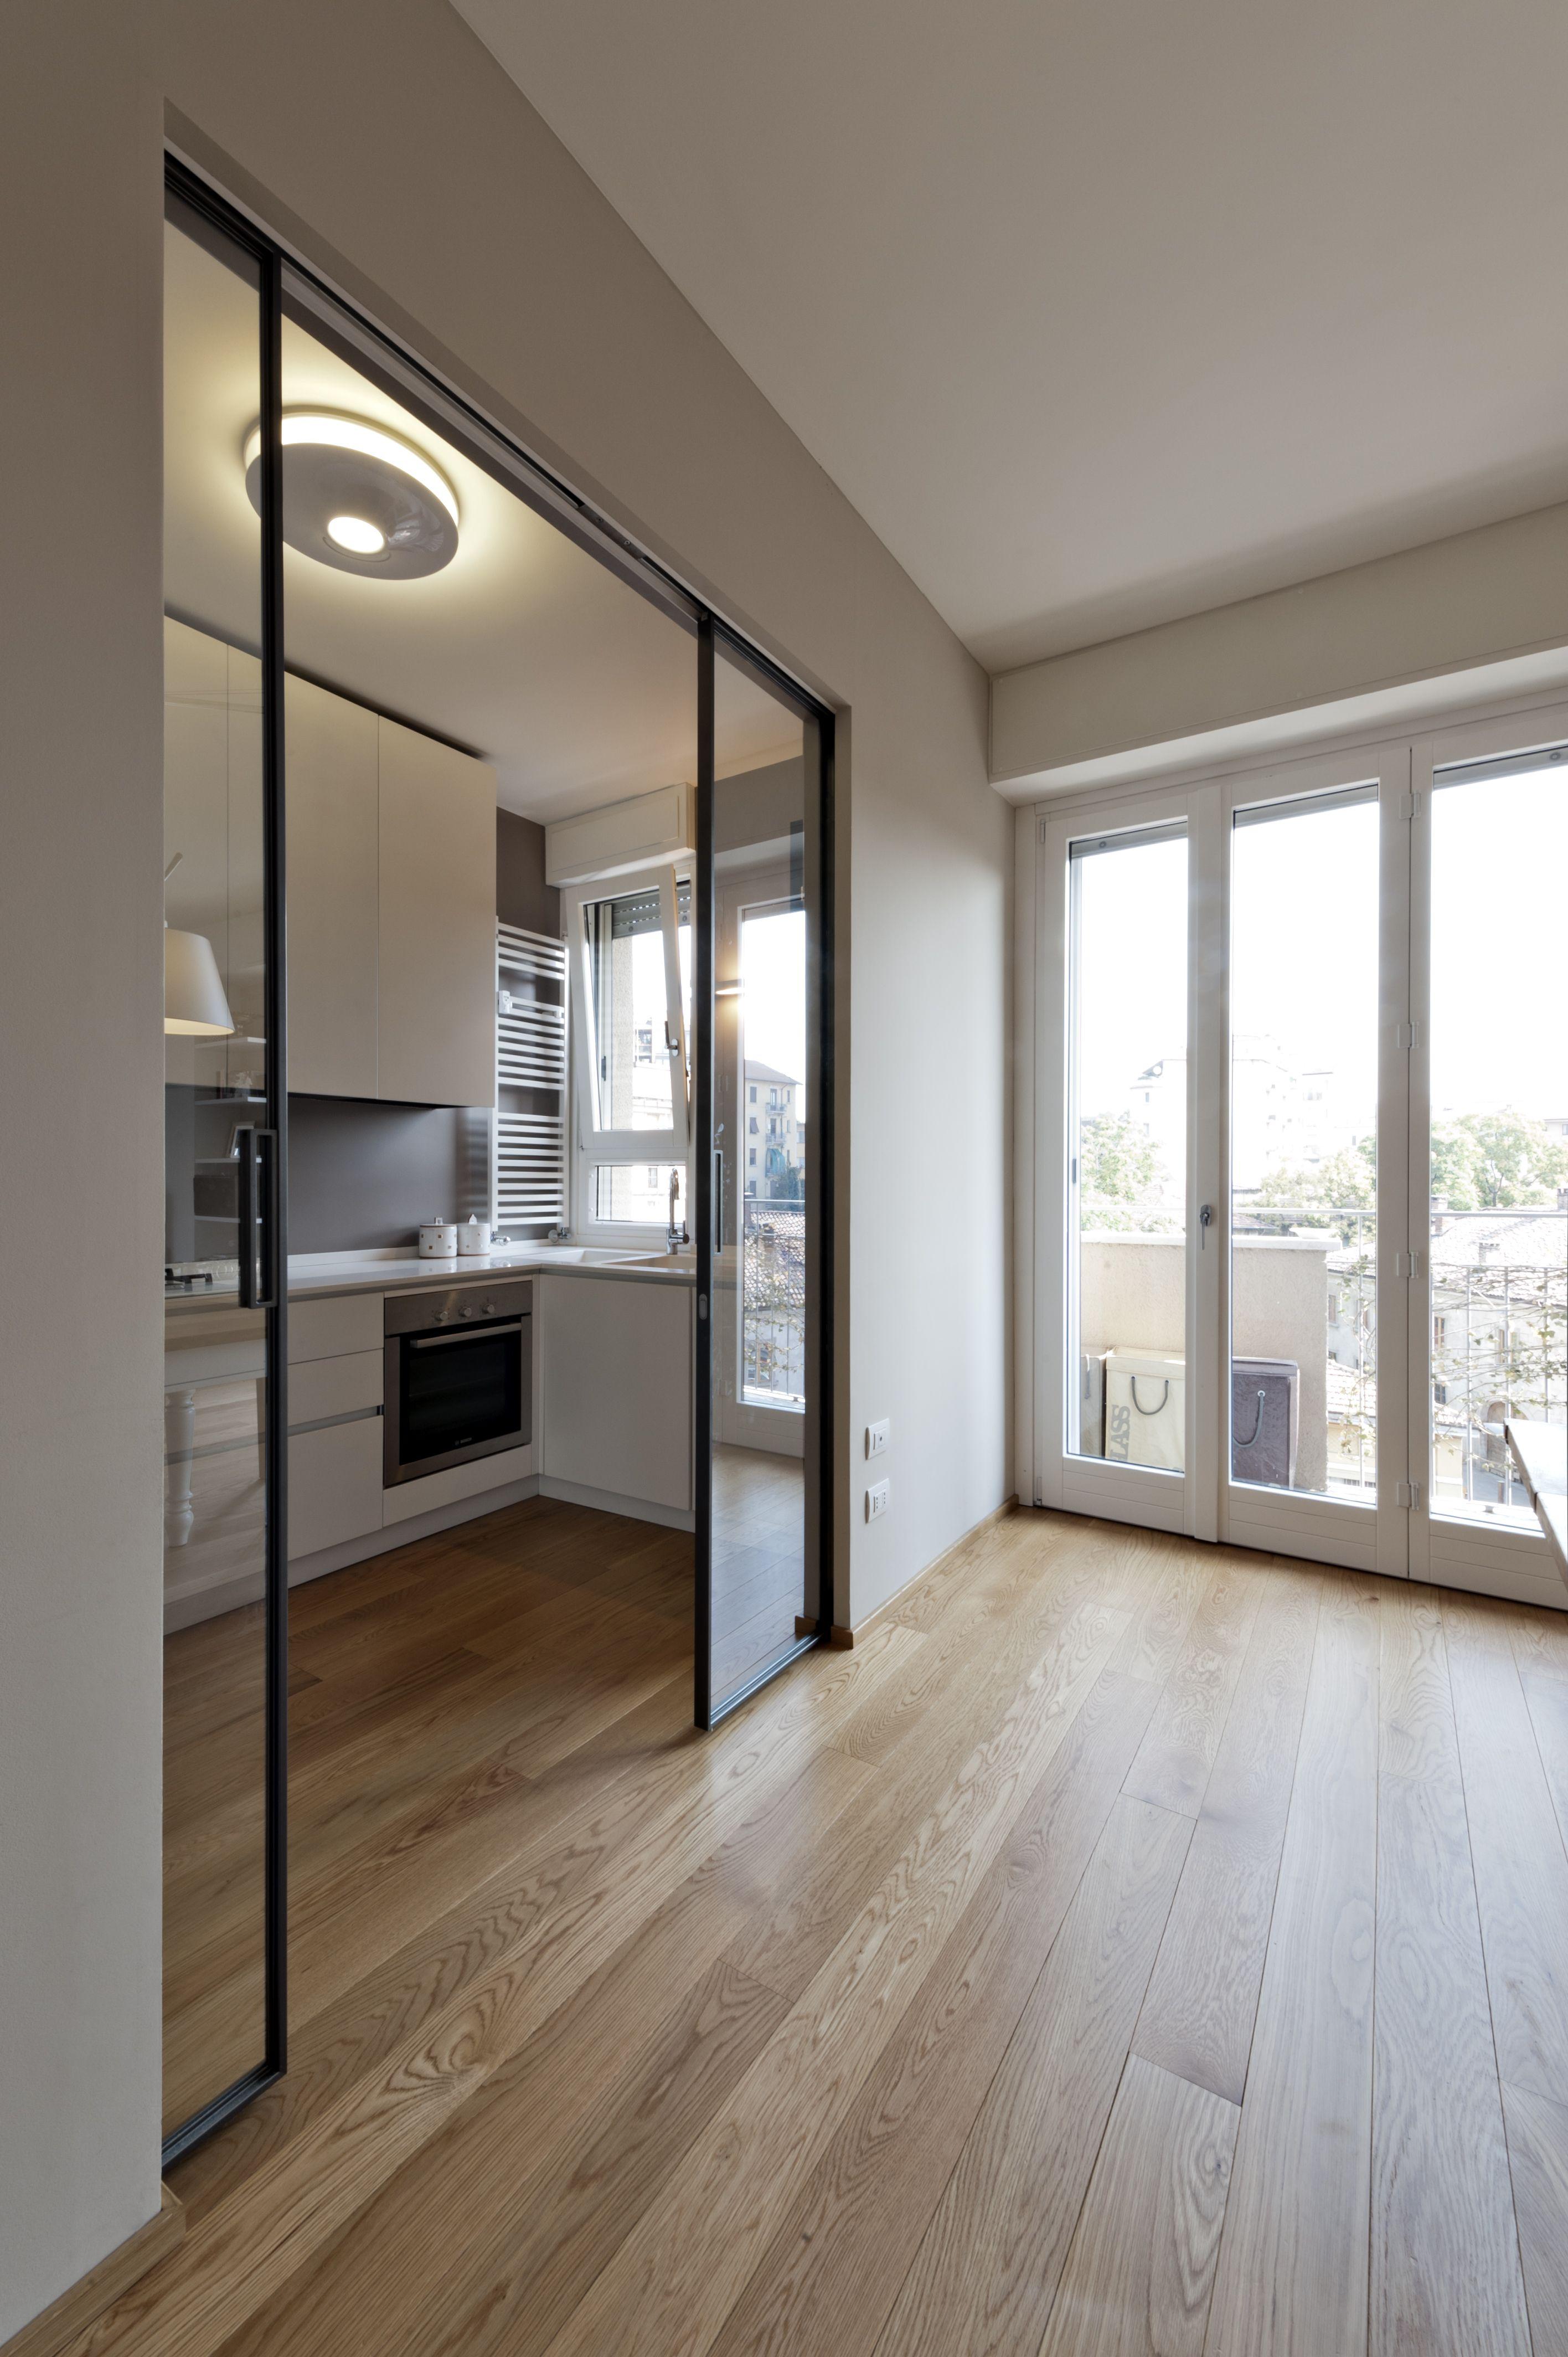 cucina, kitchen, interior, interno, ristrutturazione, appartamento ...